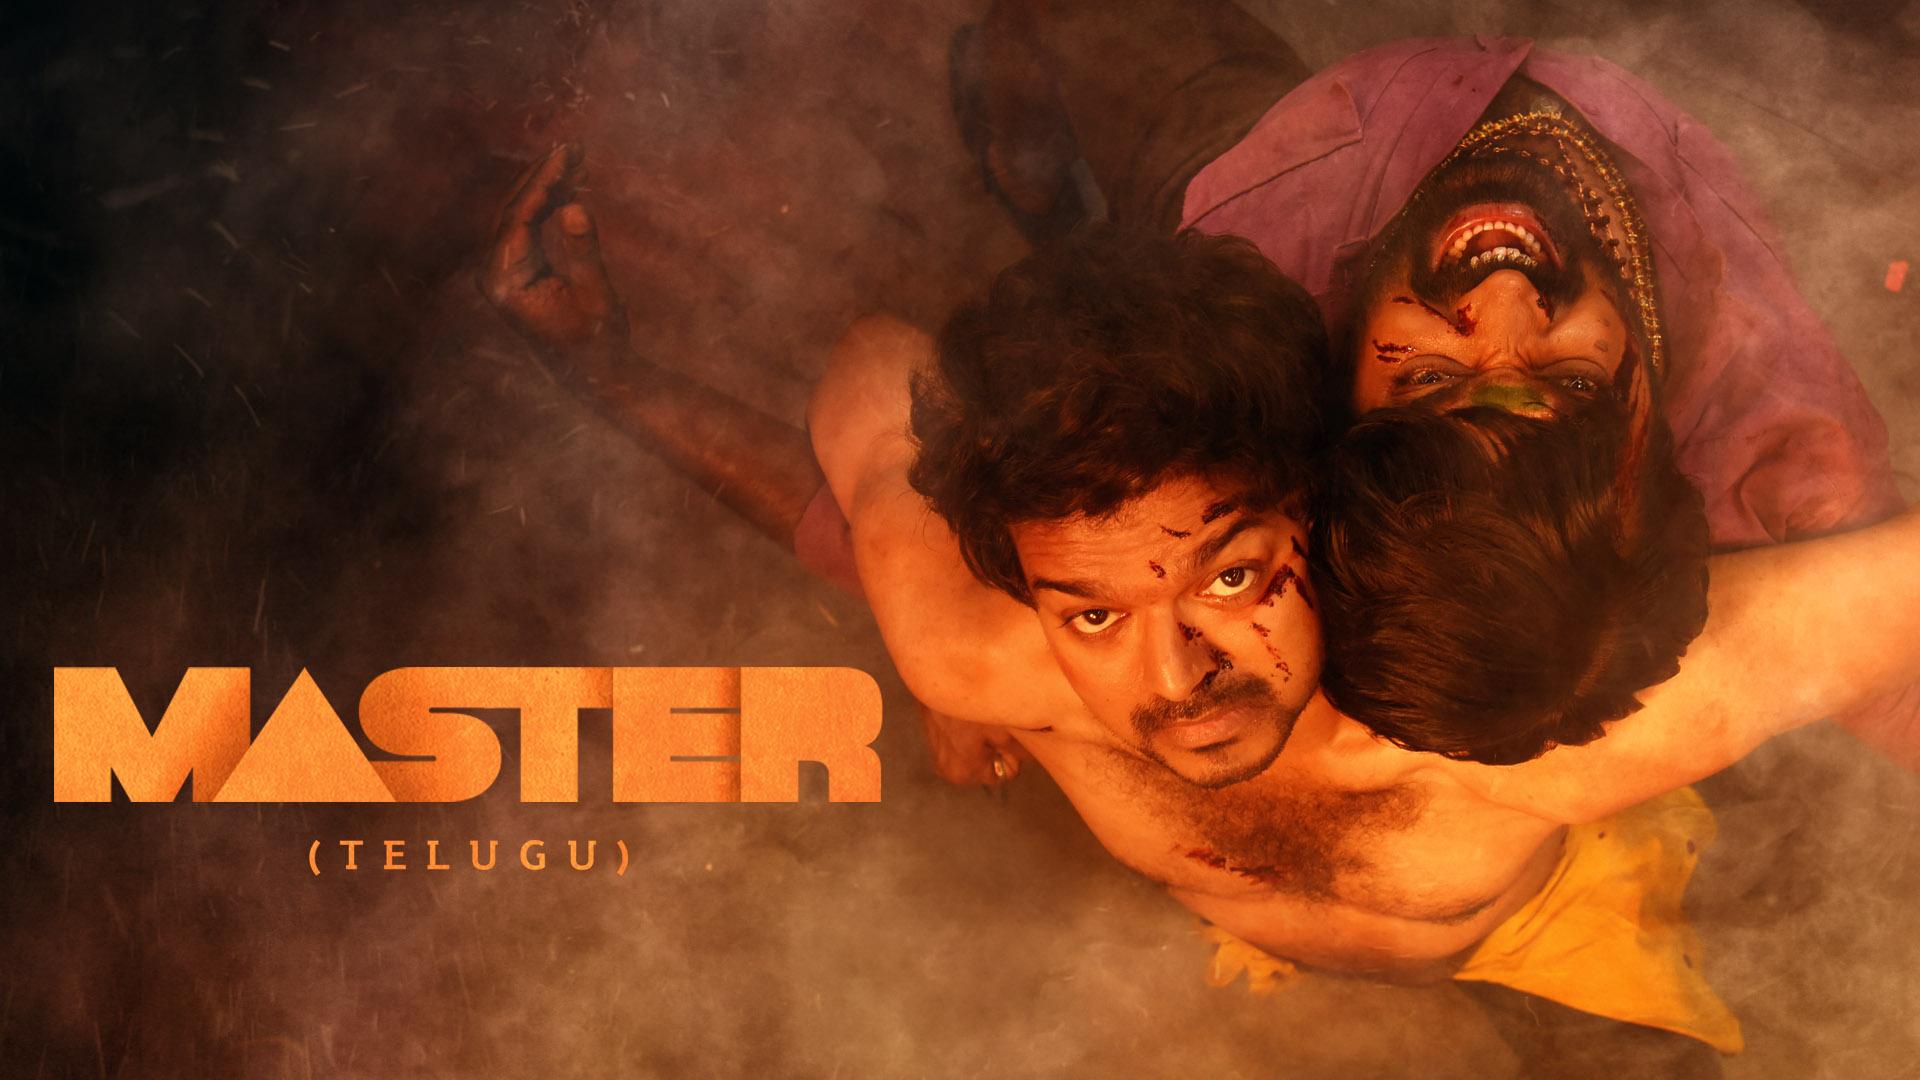 Master (Telugu) [4K UHD]